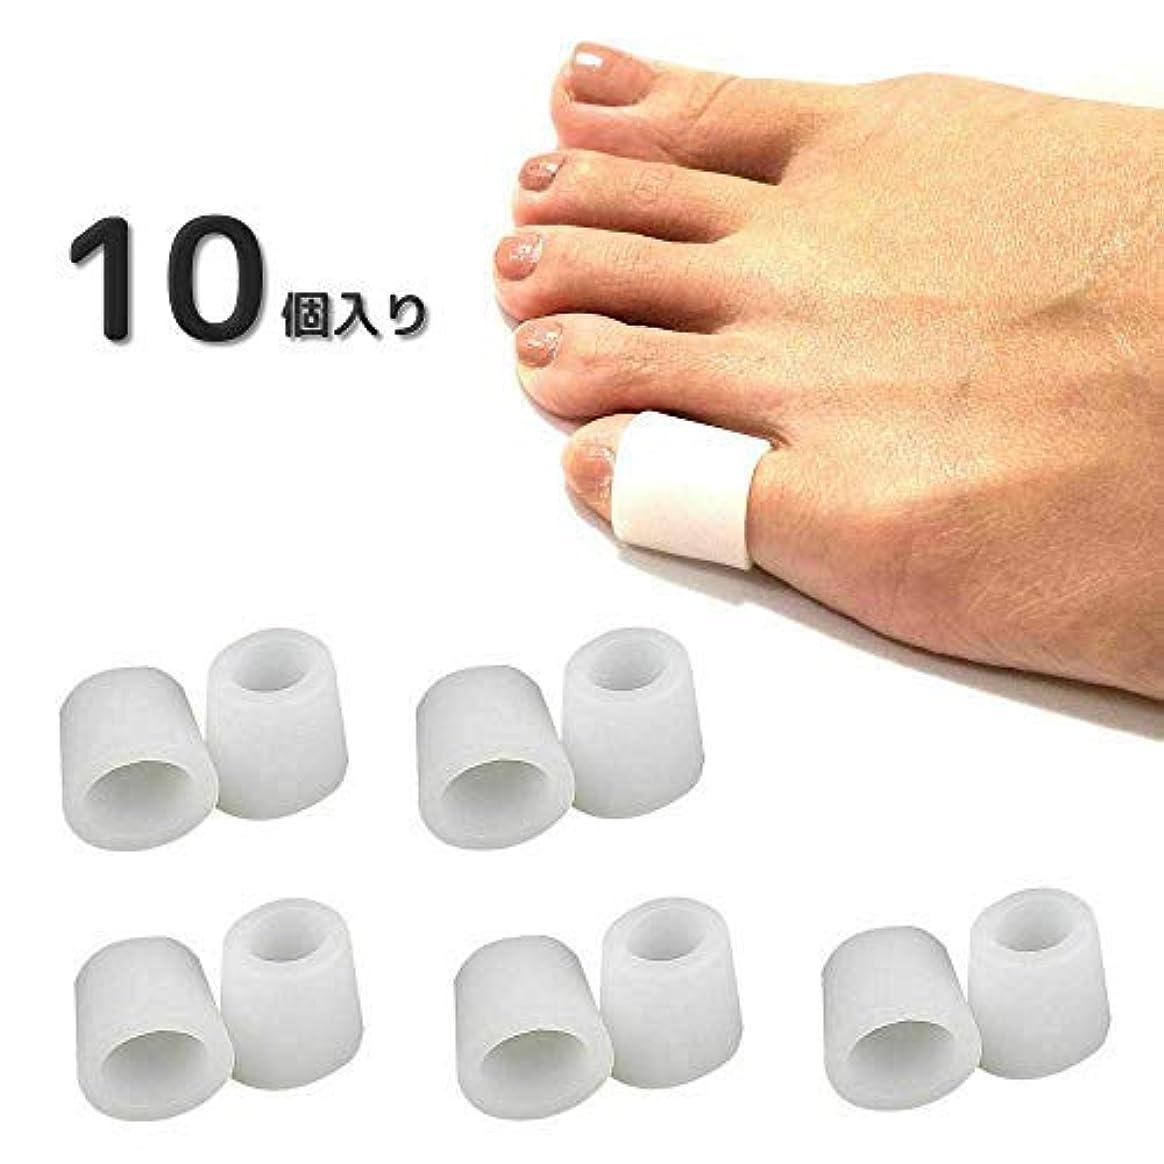 ボアリットルガロン足指 足爪 保護キャップ 小指 5ペア ジェル 足指キャップ プロテクター スリーブ 水疱 陥入爪 爪損傷 摩擦疼痛などの緩和 男女兼用(10個入り) (Aタイプ)